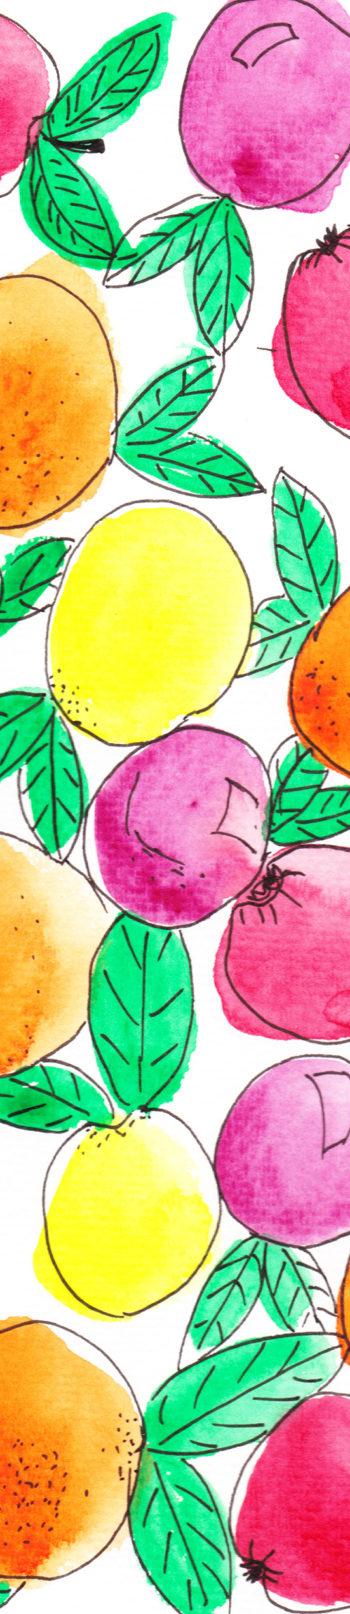 Oranges and Lemons - crop 2 (c) Jennifer Mosher